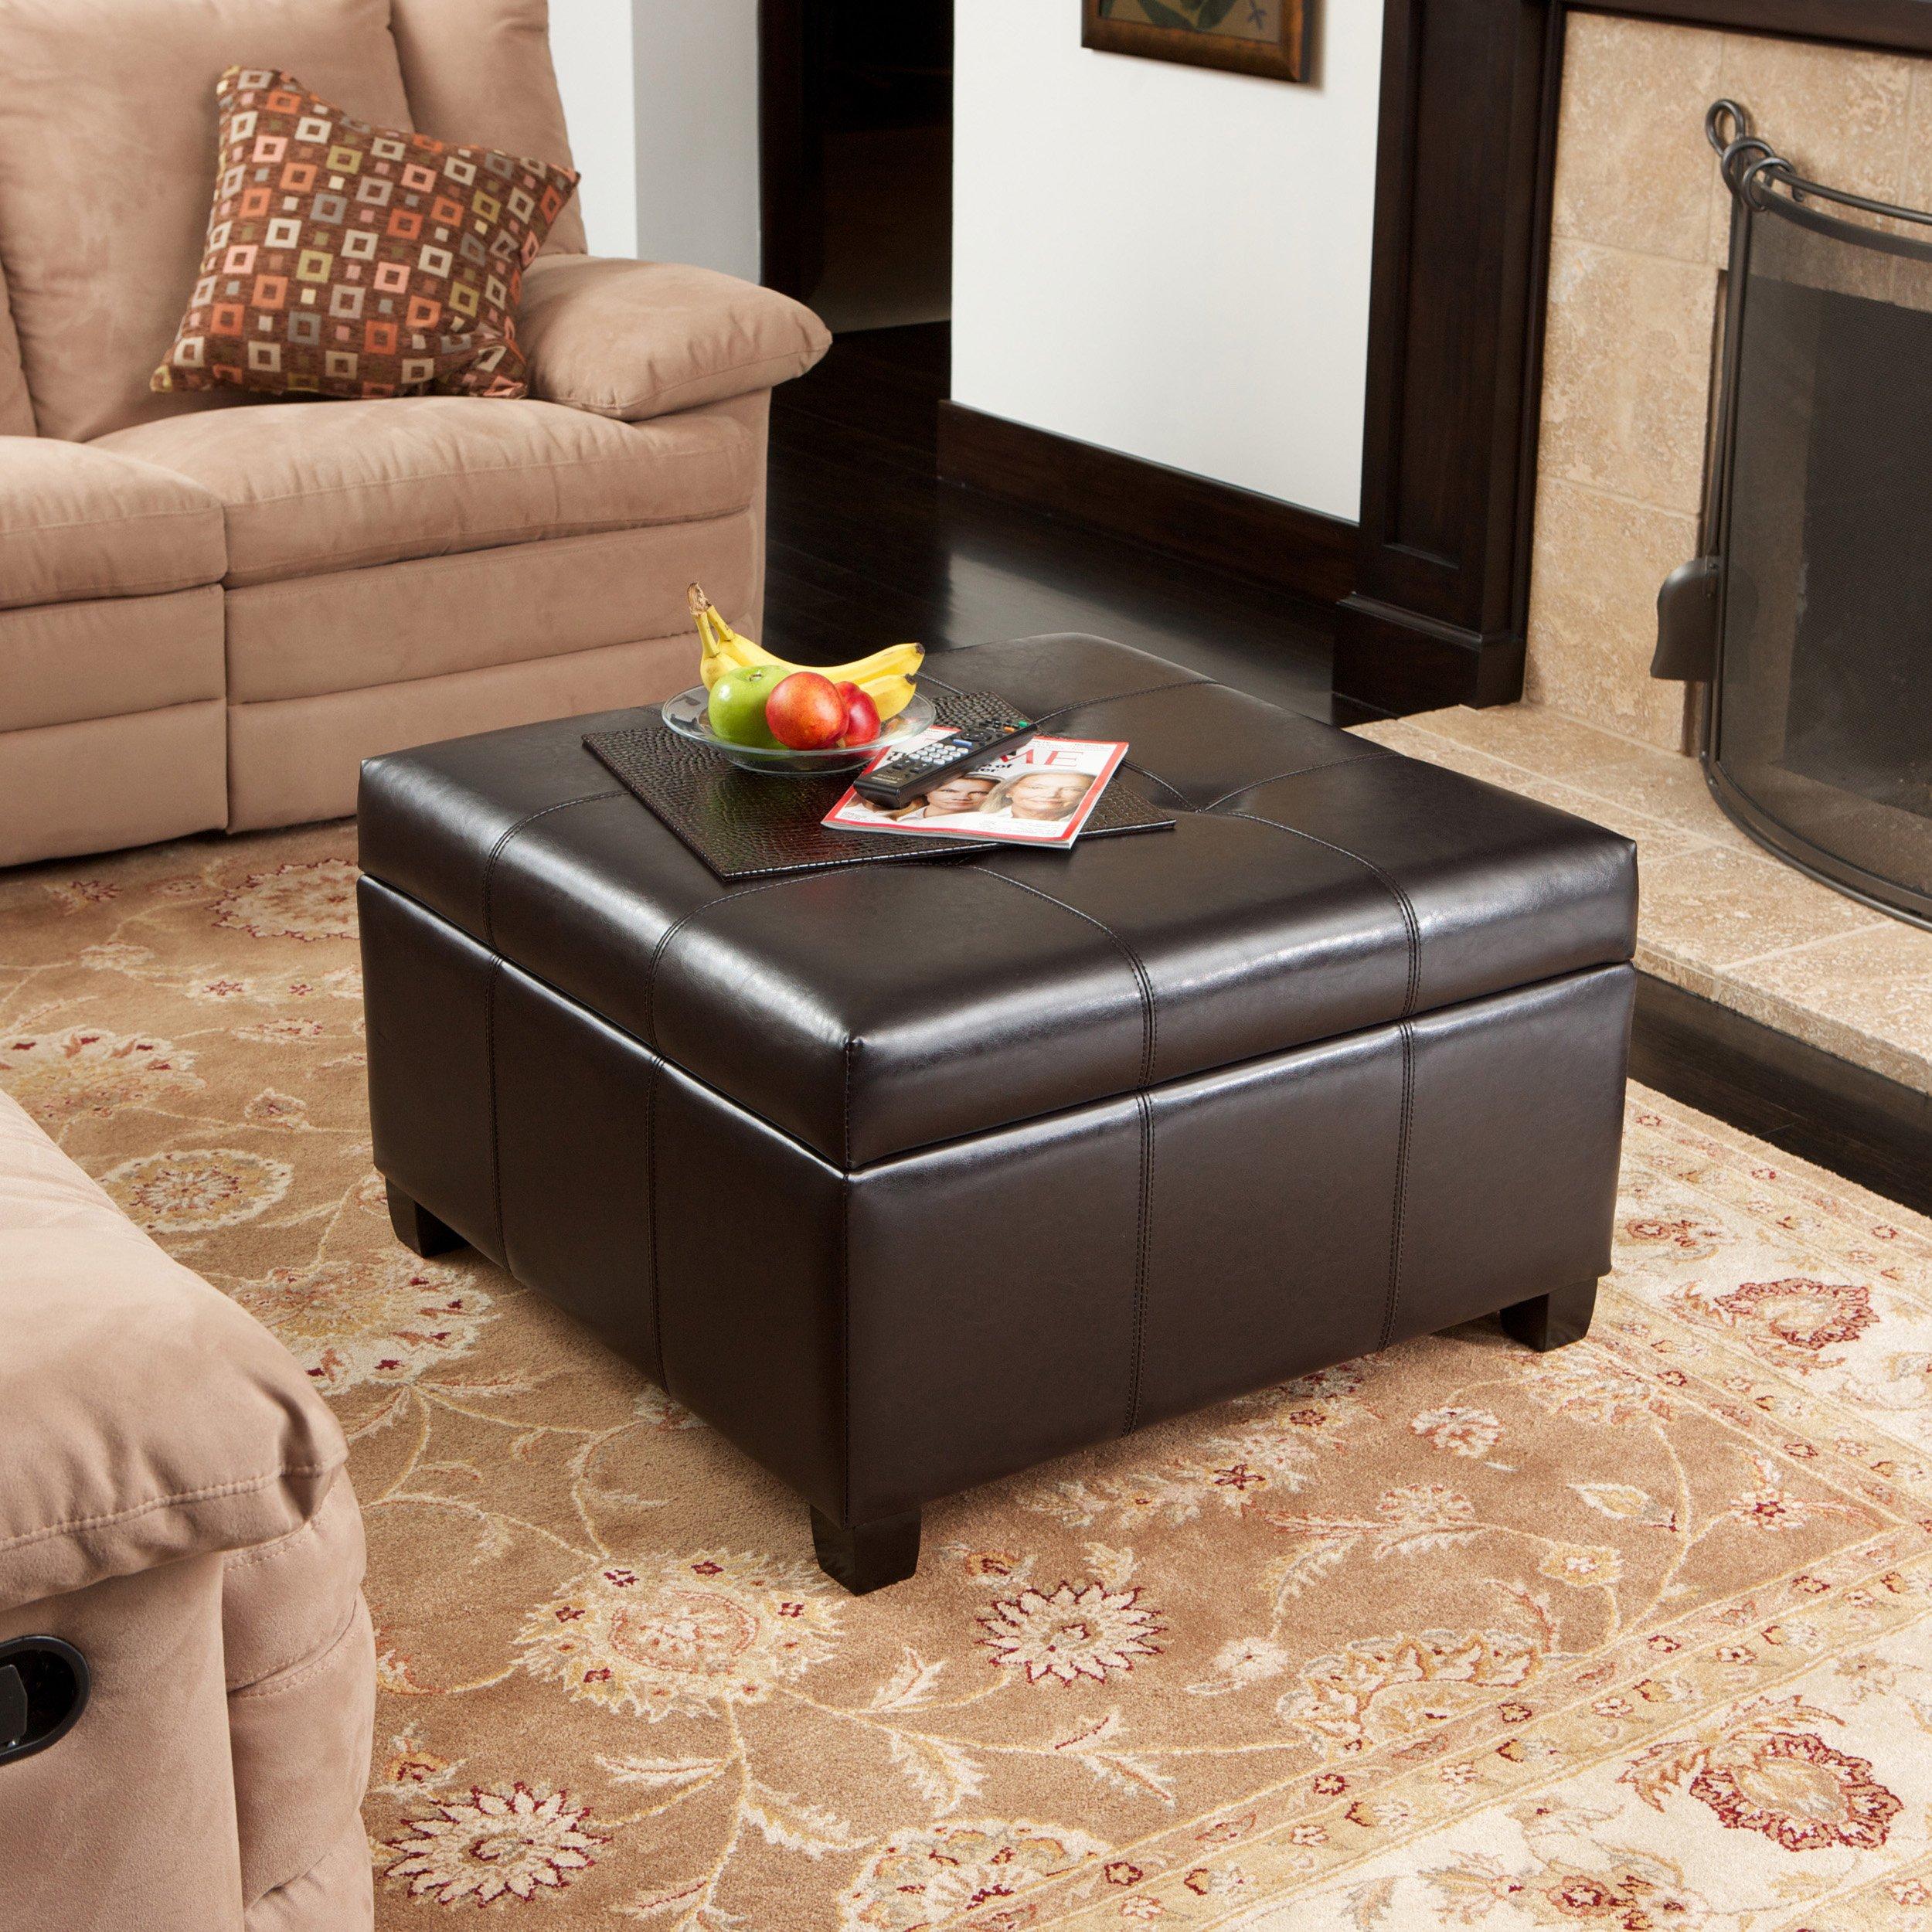 Boston Storage Ottoman | Coffee Table | Square Shaped | Premium Bonded Leather in Espresso Brown